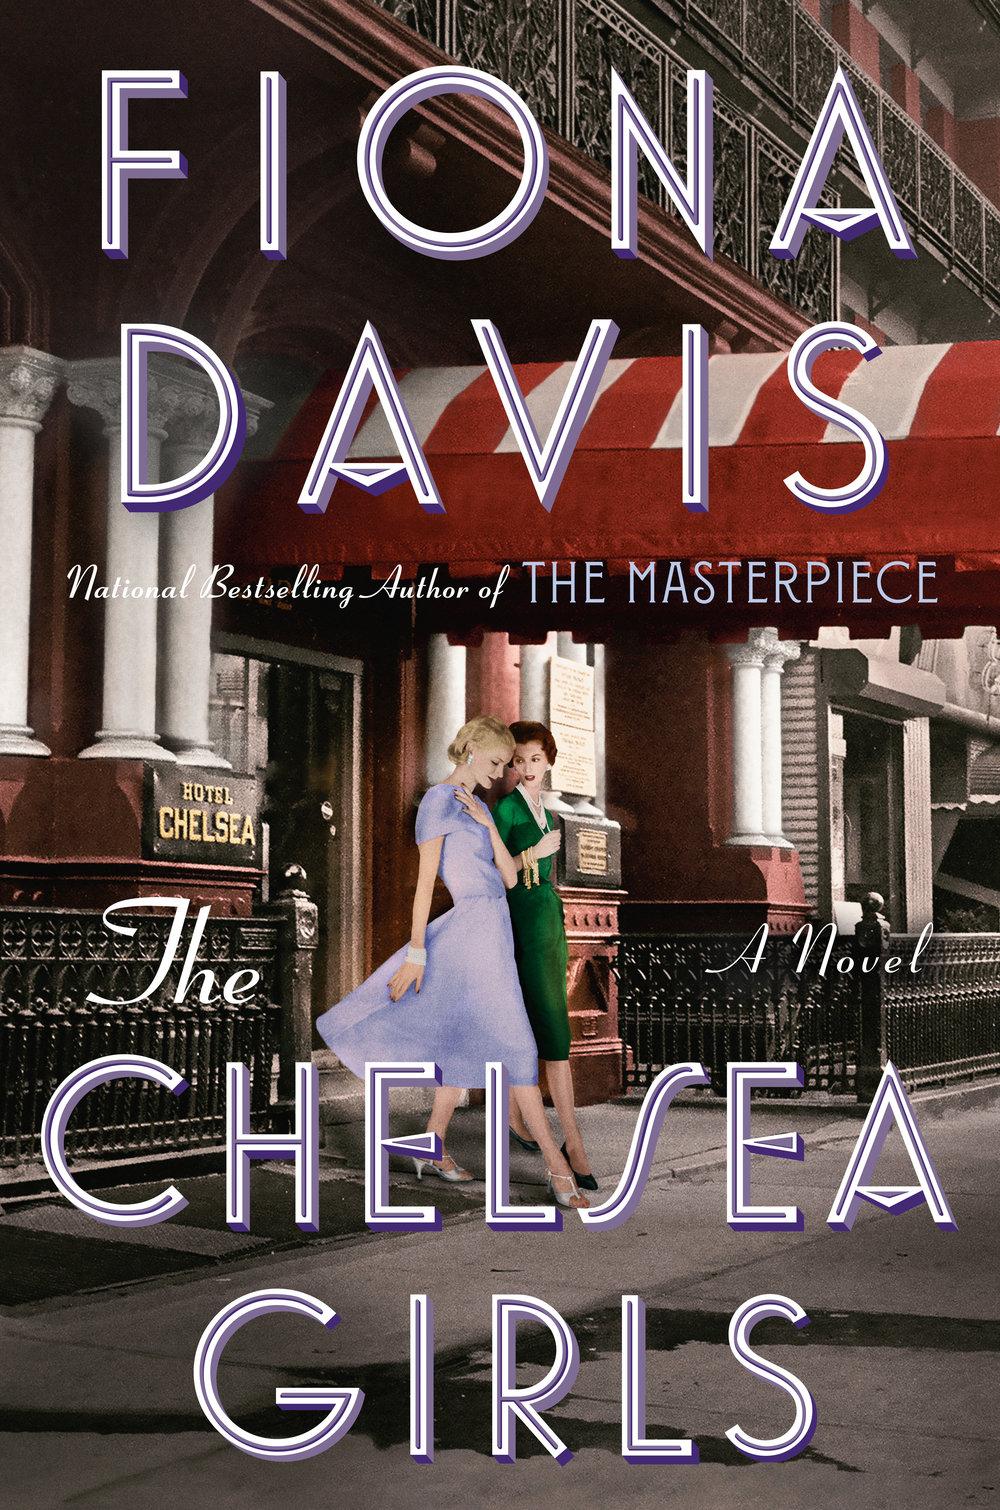 ChelseaGirls_cover_lrg.jpg